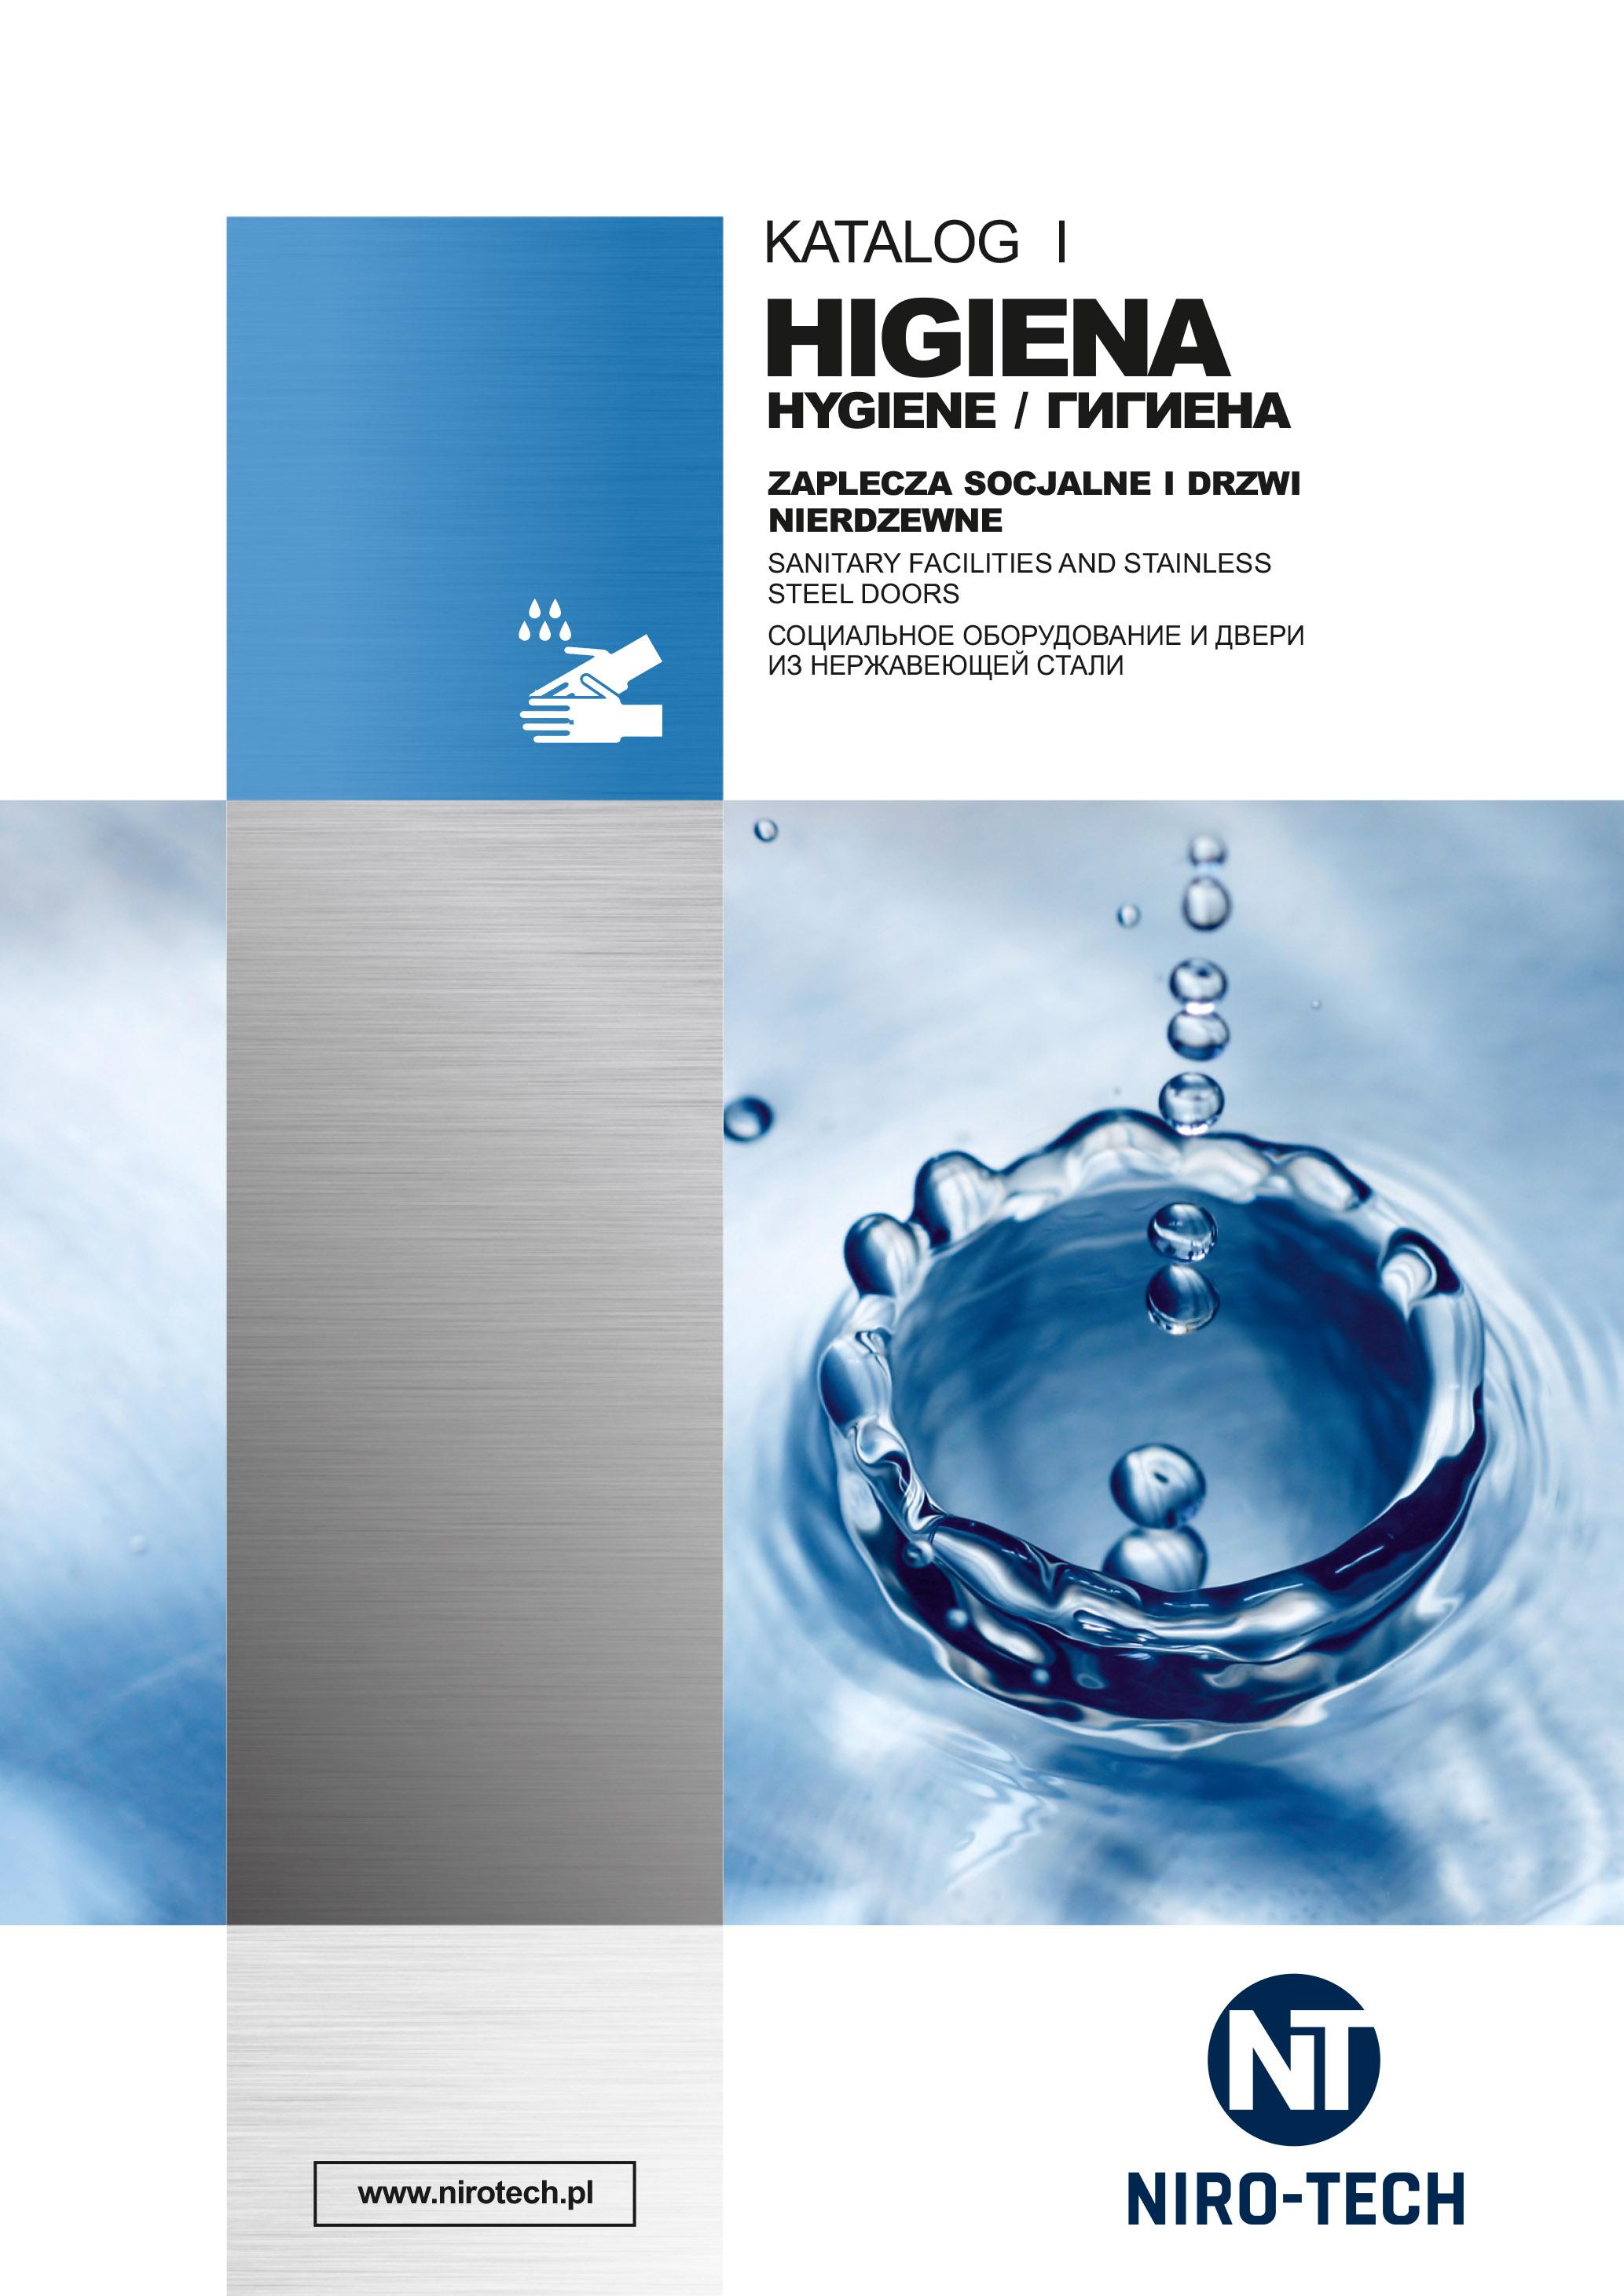 Wyposażenie higieniczno-sanitarne